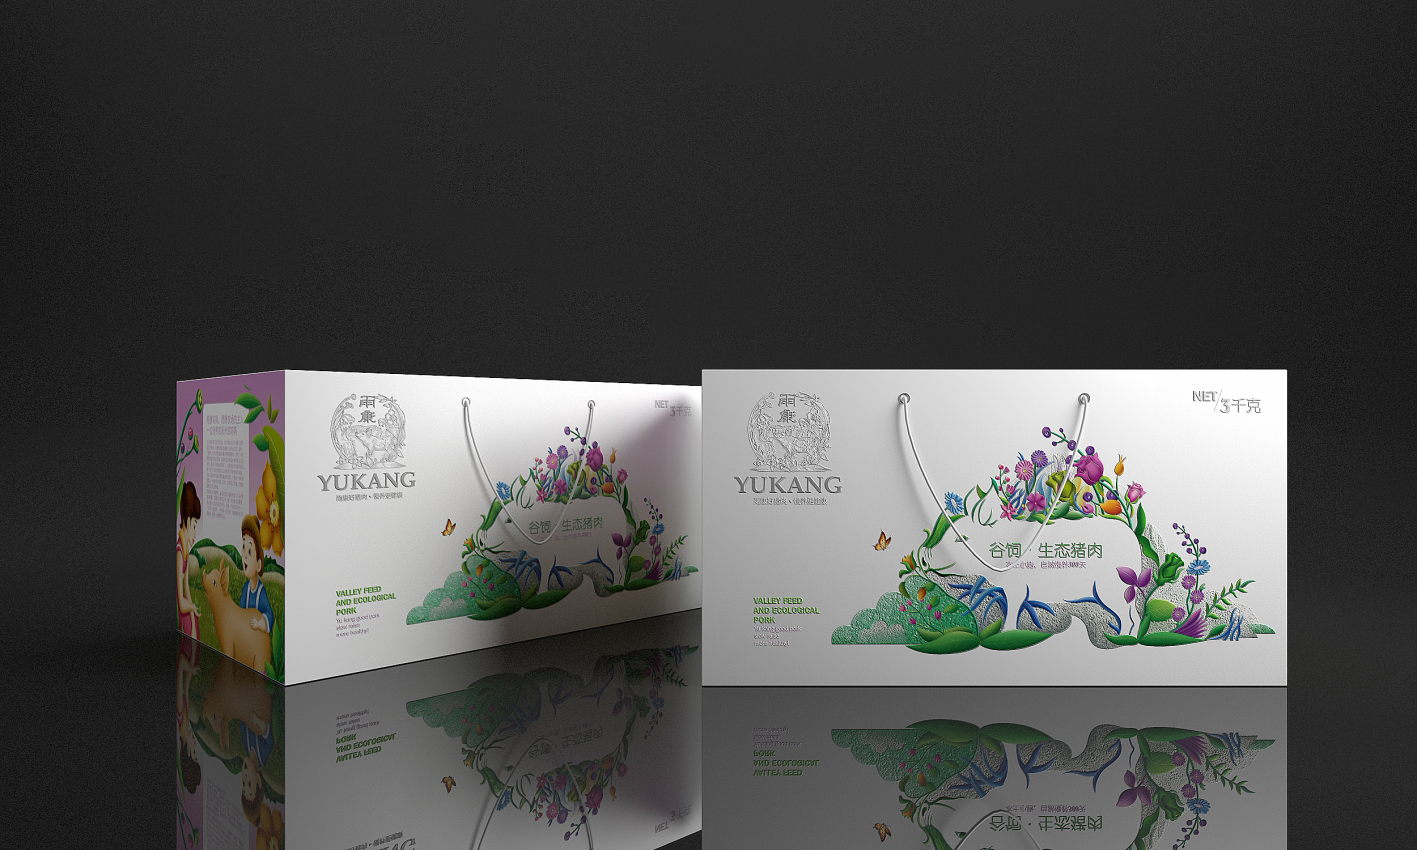 创意椅子论+�\_雨康谷饲生态猪肉_徐桂亮品牌设计【官方网站】衡水设计公司